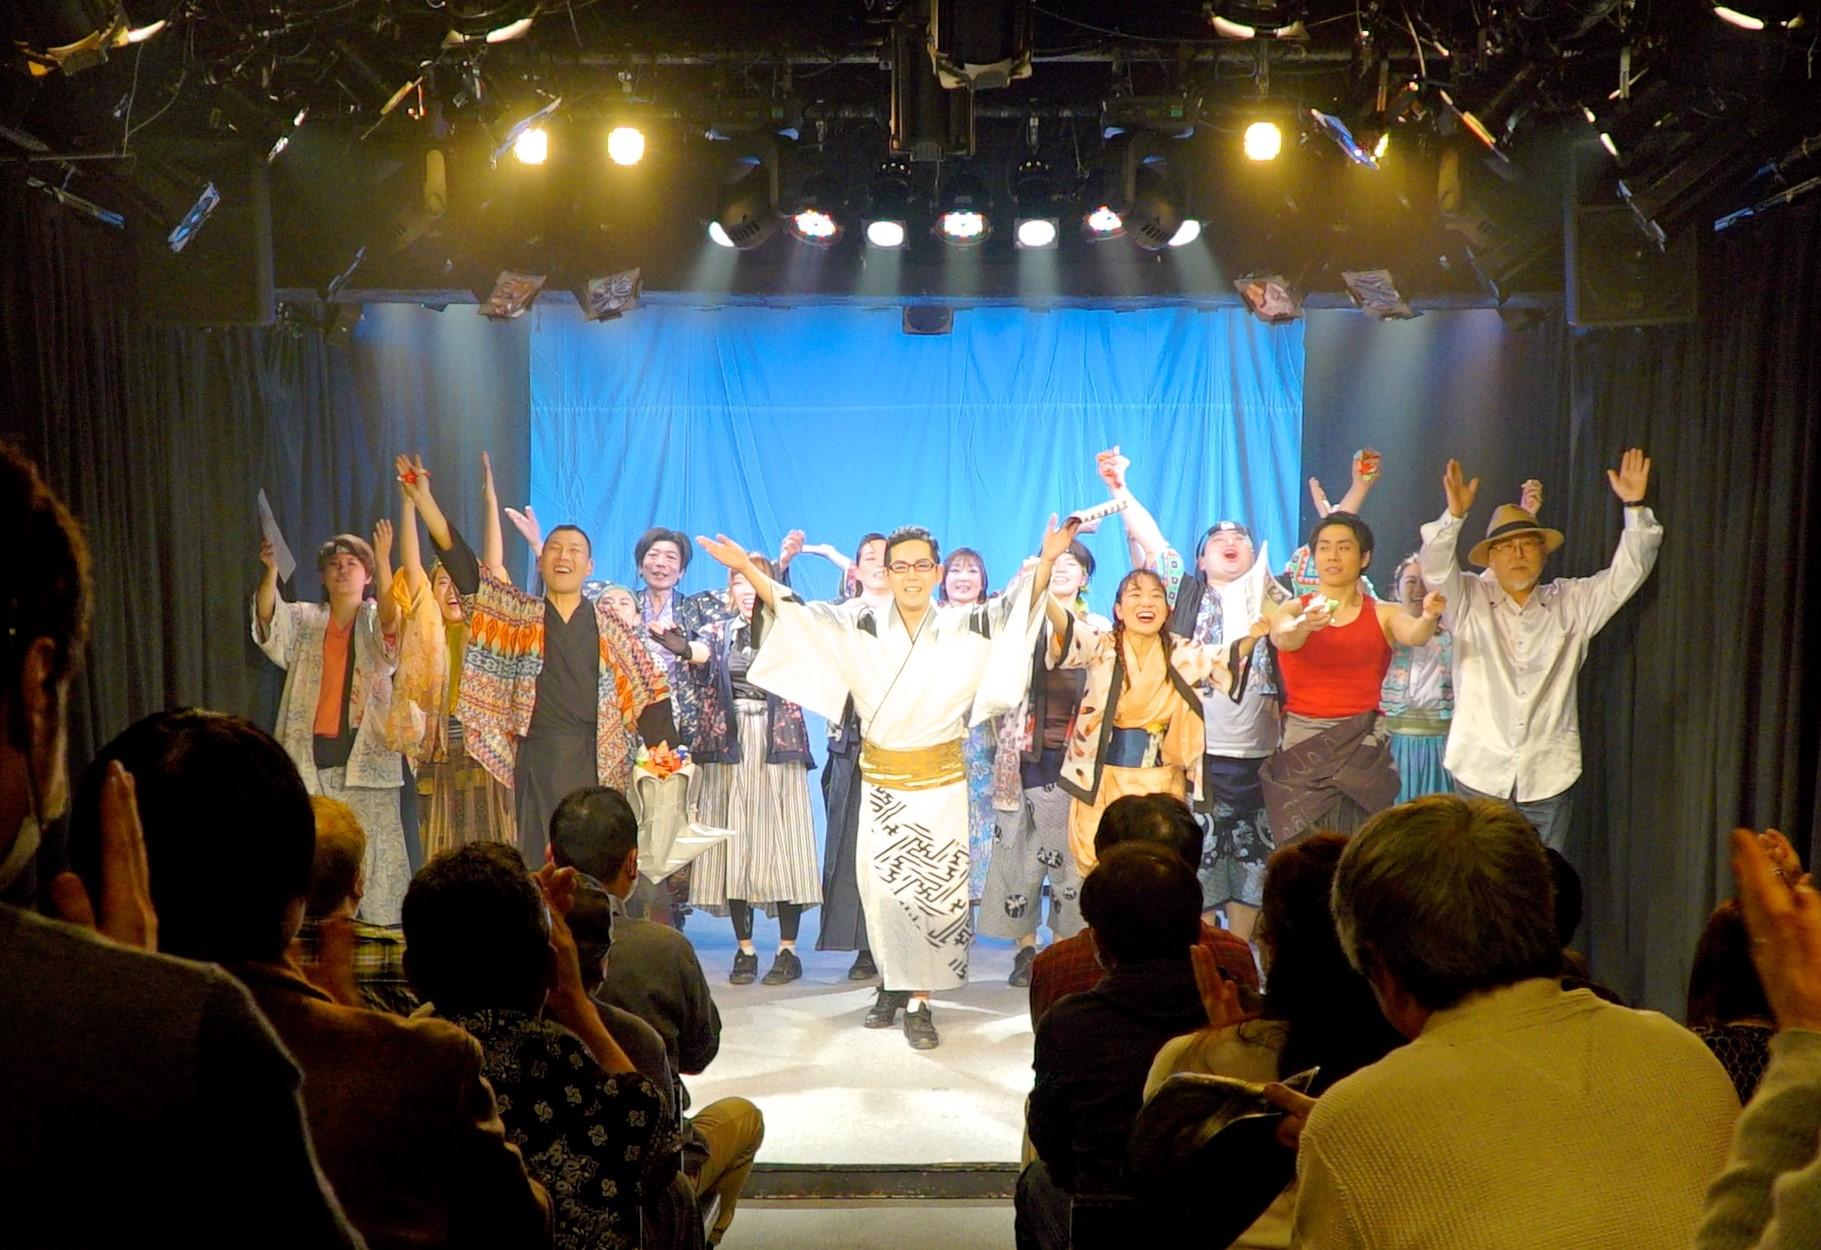 大江戸ワハハ本舗・娯楽座 PRESENTS 2本立て興行「幕末フォーク伝~ 夜明けは近いぜよ~」「ココナッツ・ホリデー フォークで遊ぼう娯楽座!」